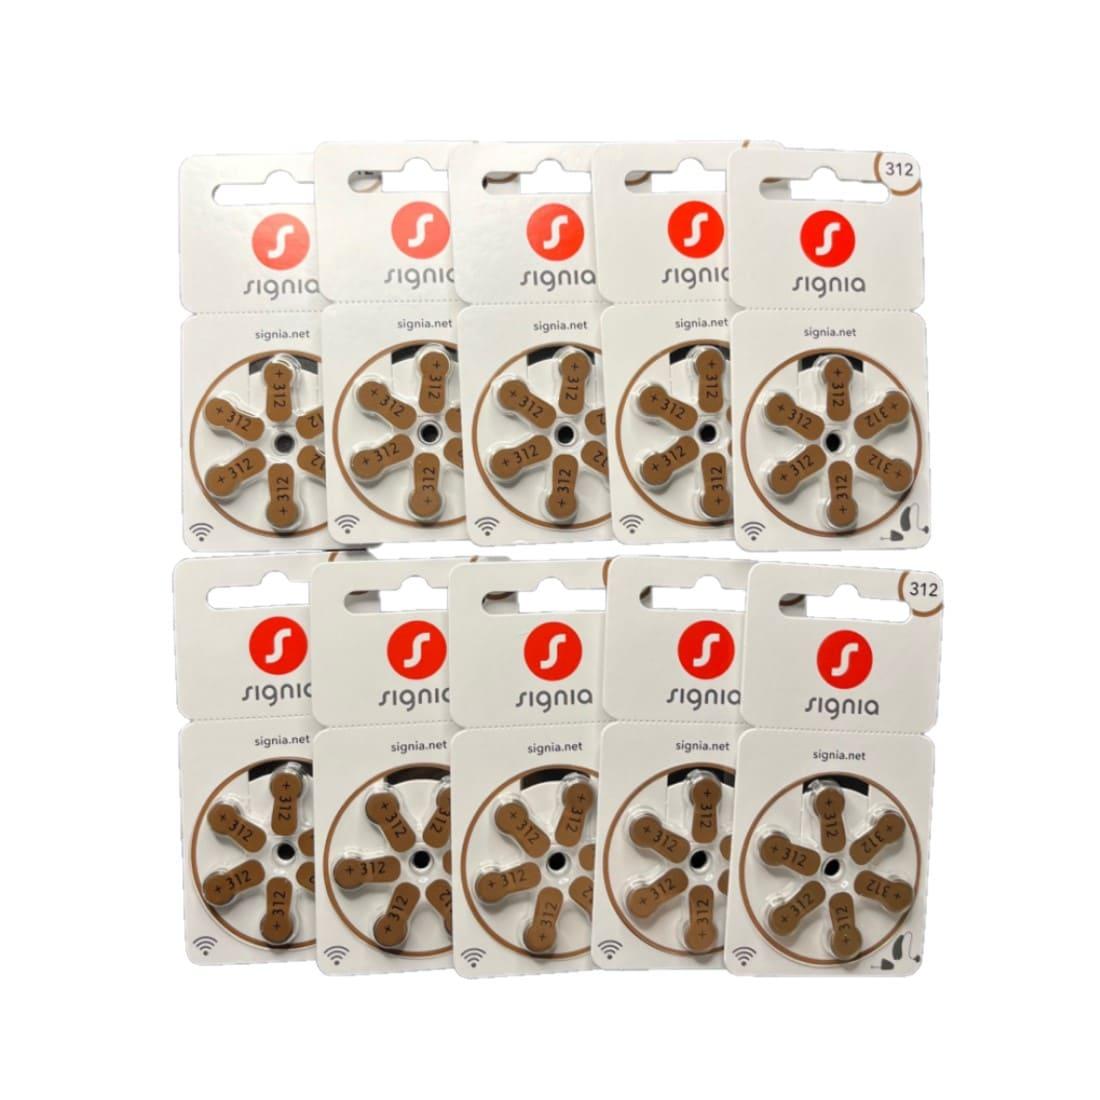 【空気電池】シーメンス補聴器用 PR41/312 10パック(60粒入り)の商品画像|ナビ